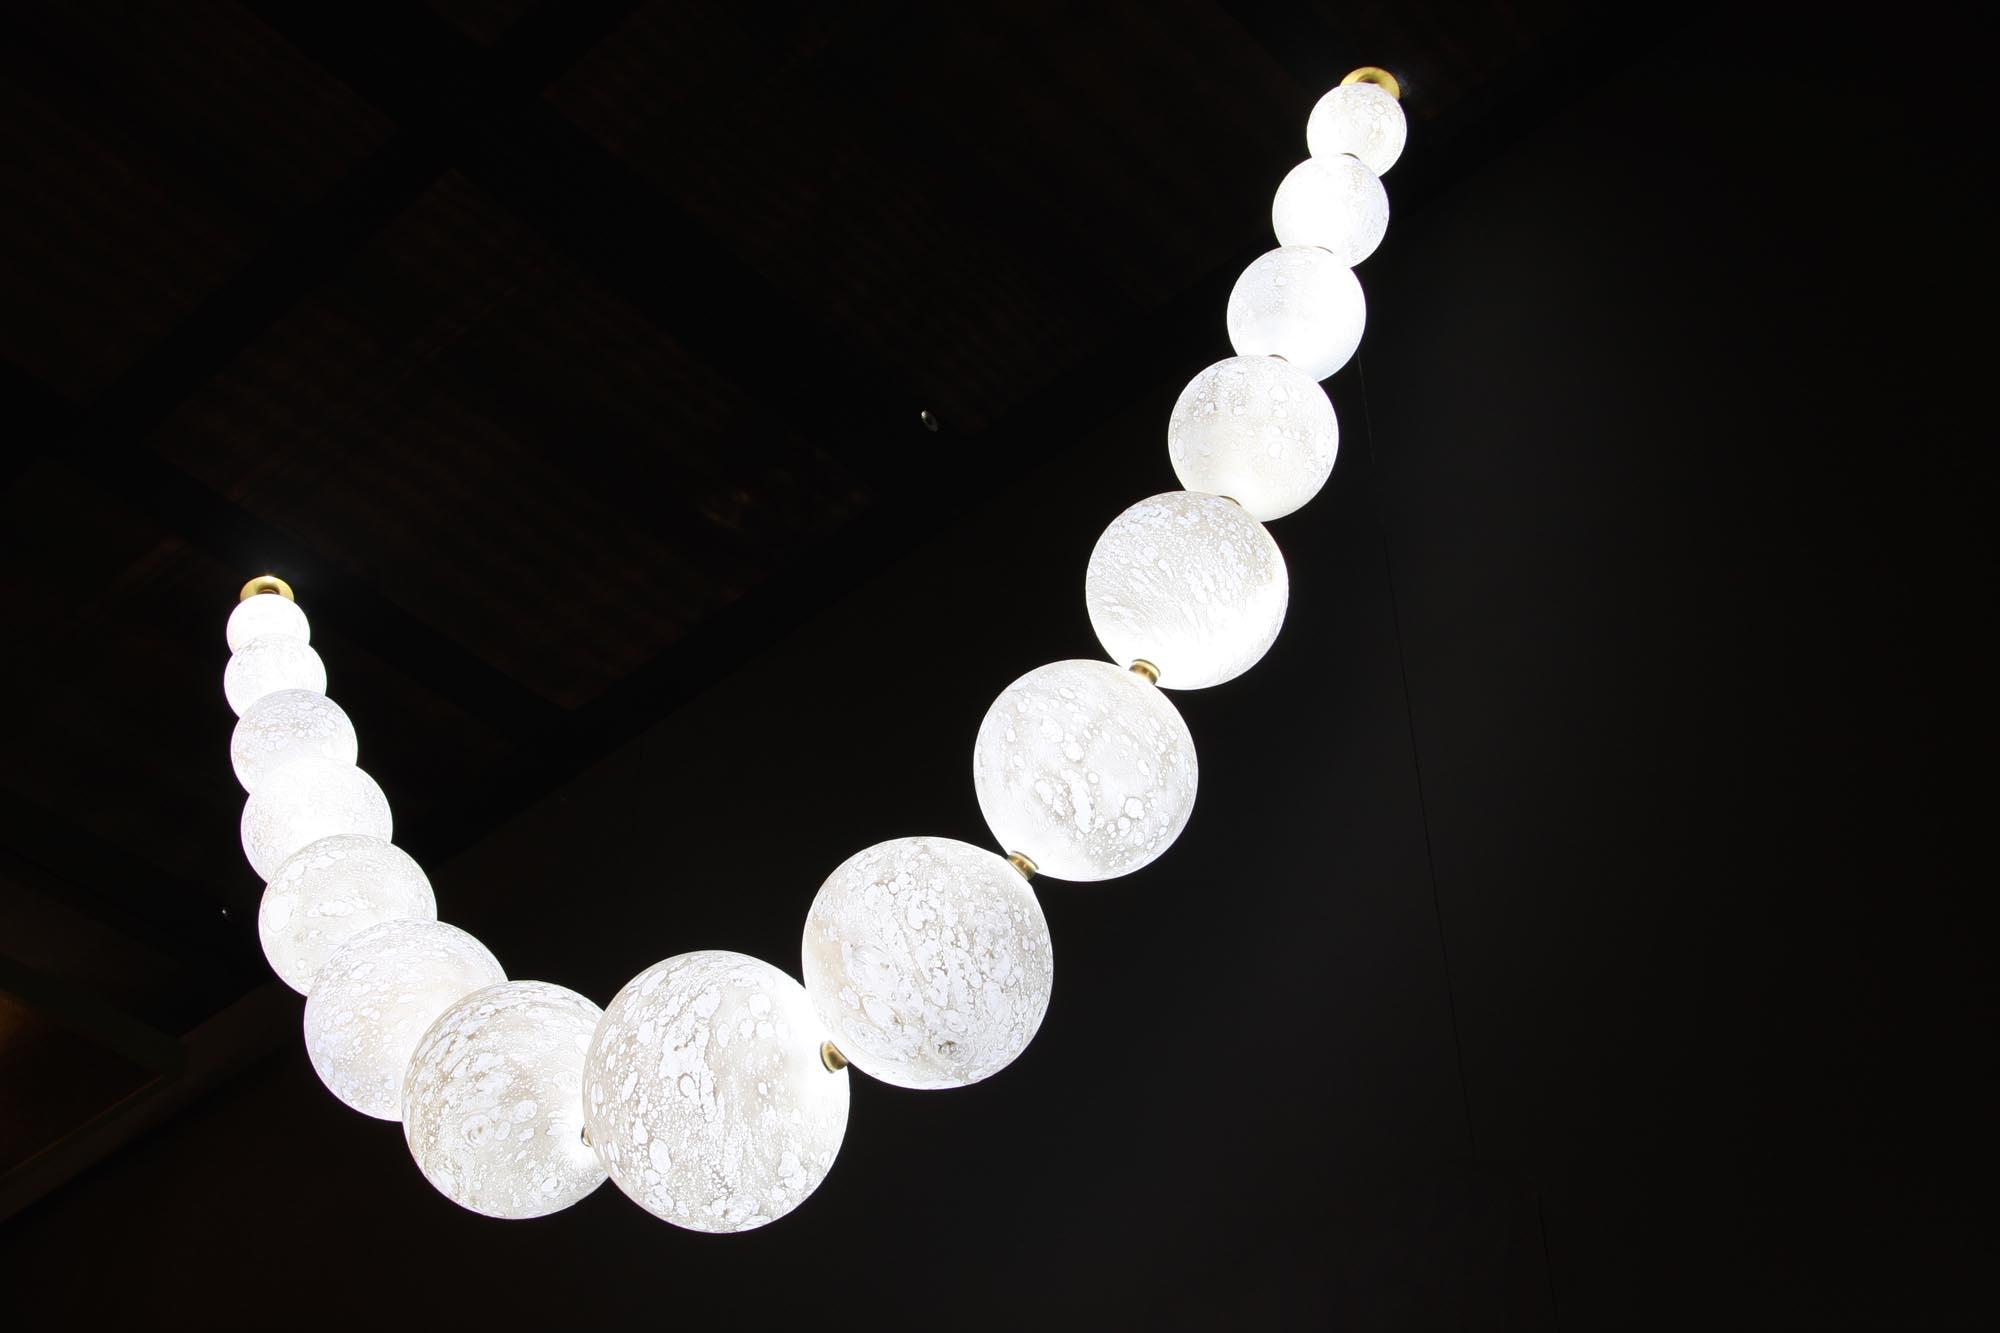 Lunes necklace, H 120 x L 120cm, glassware diam. 8-22cm